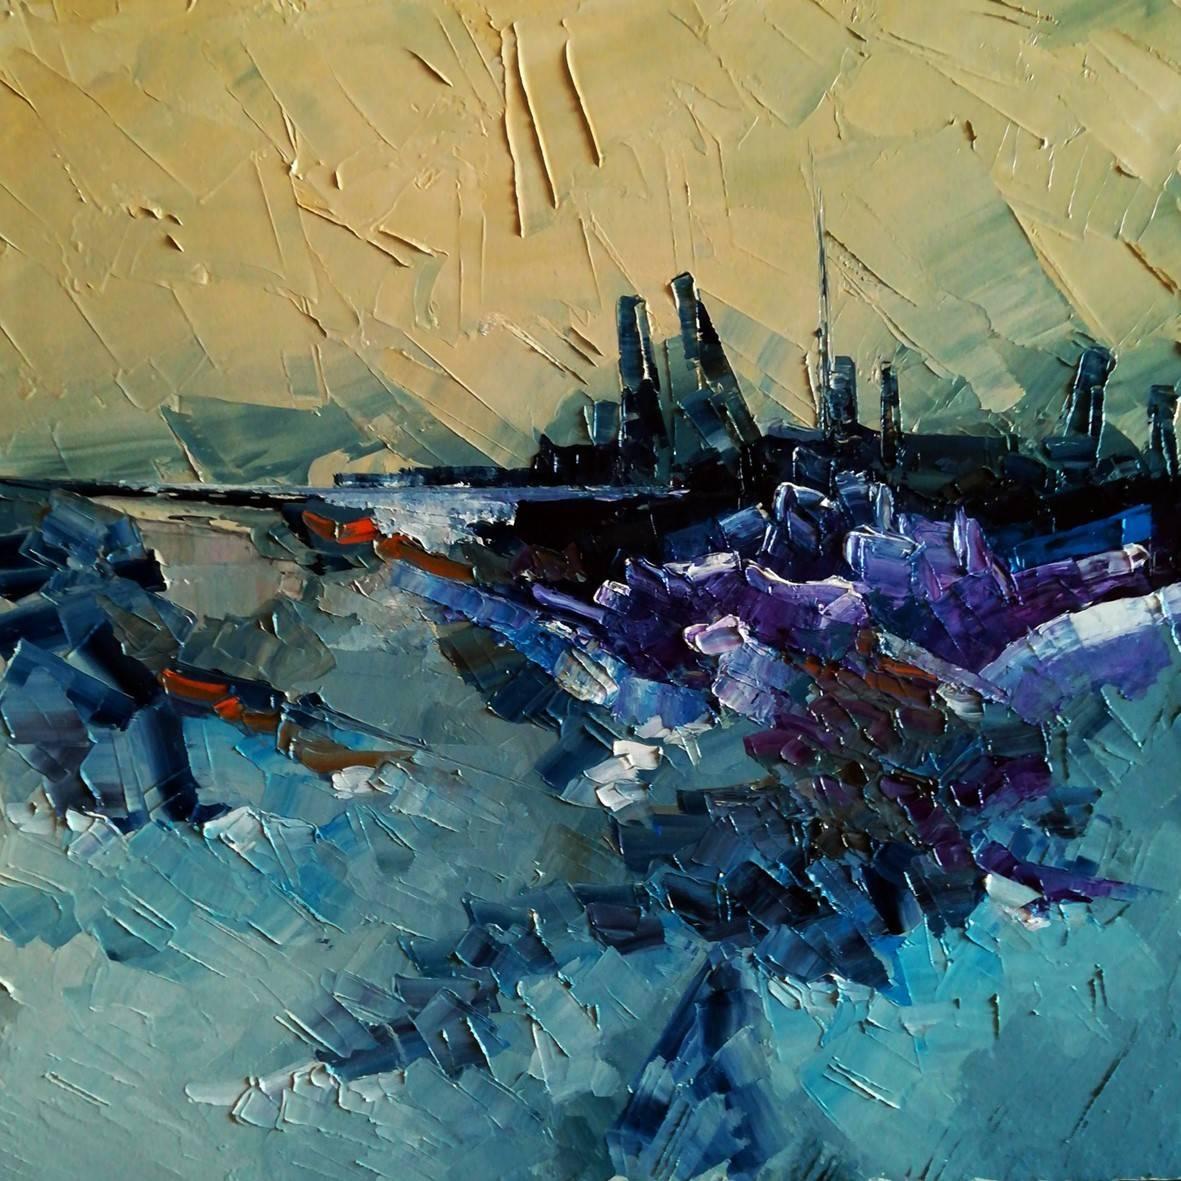 Puerto feo.2020 óleo espátula lienzo. 31.5 x 31.5 cm. http://bohemiogus.blogspot.com